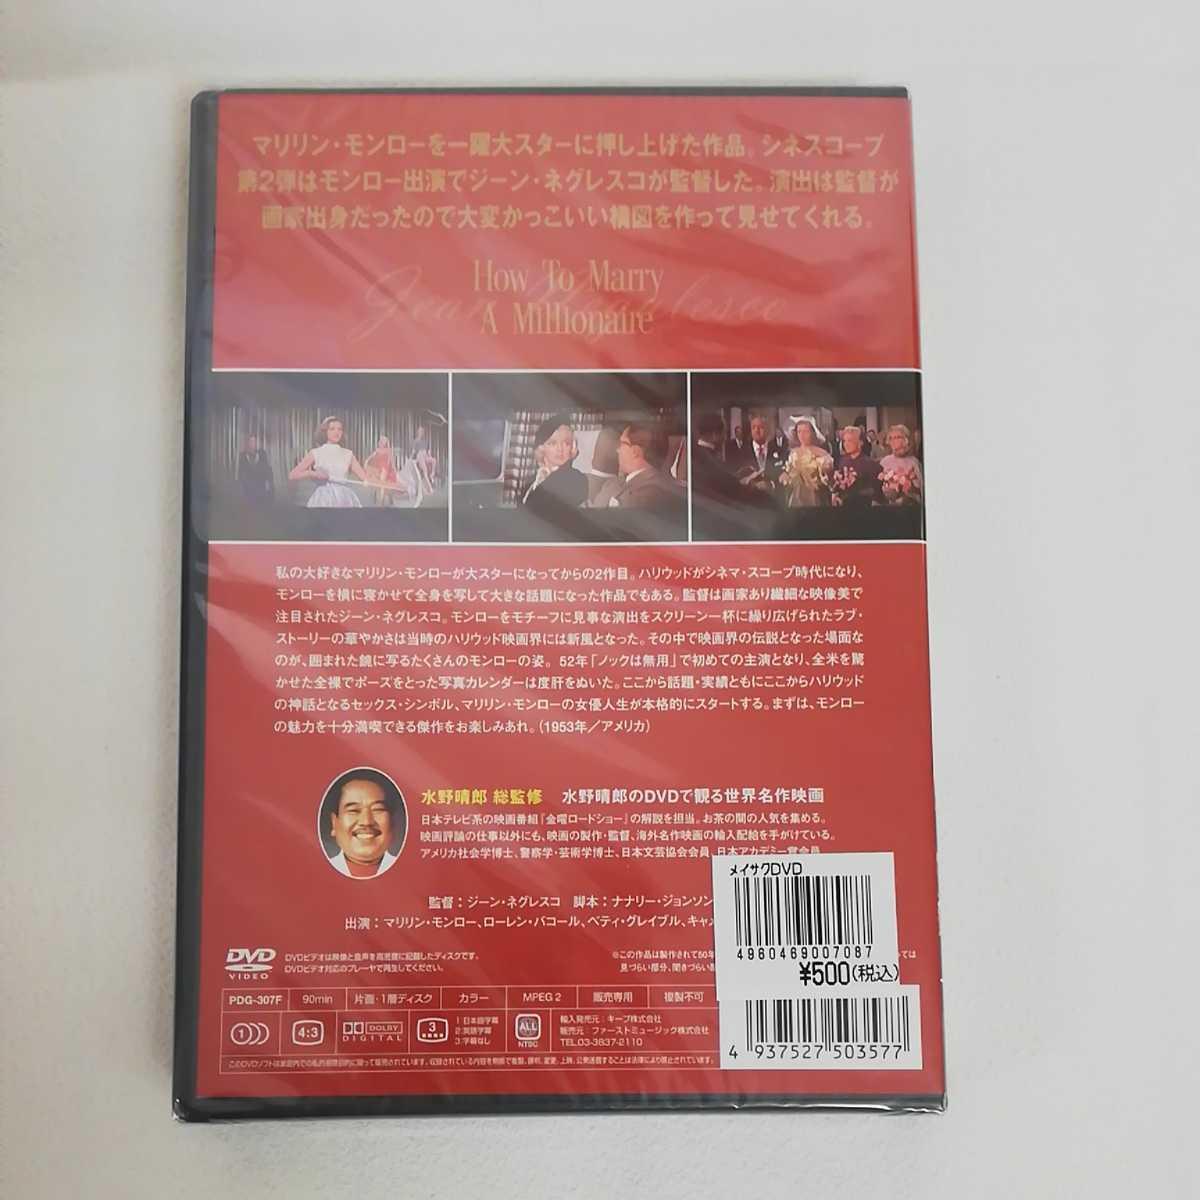 598 世界名作映画 水野晴郎のDVDで観る世界名作映画 など 洋画 15枚セット KEEP_未開封 裏